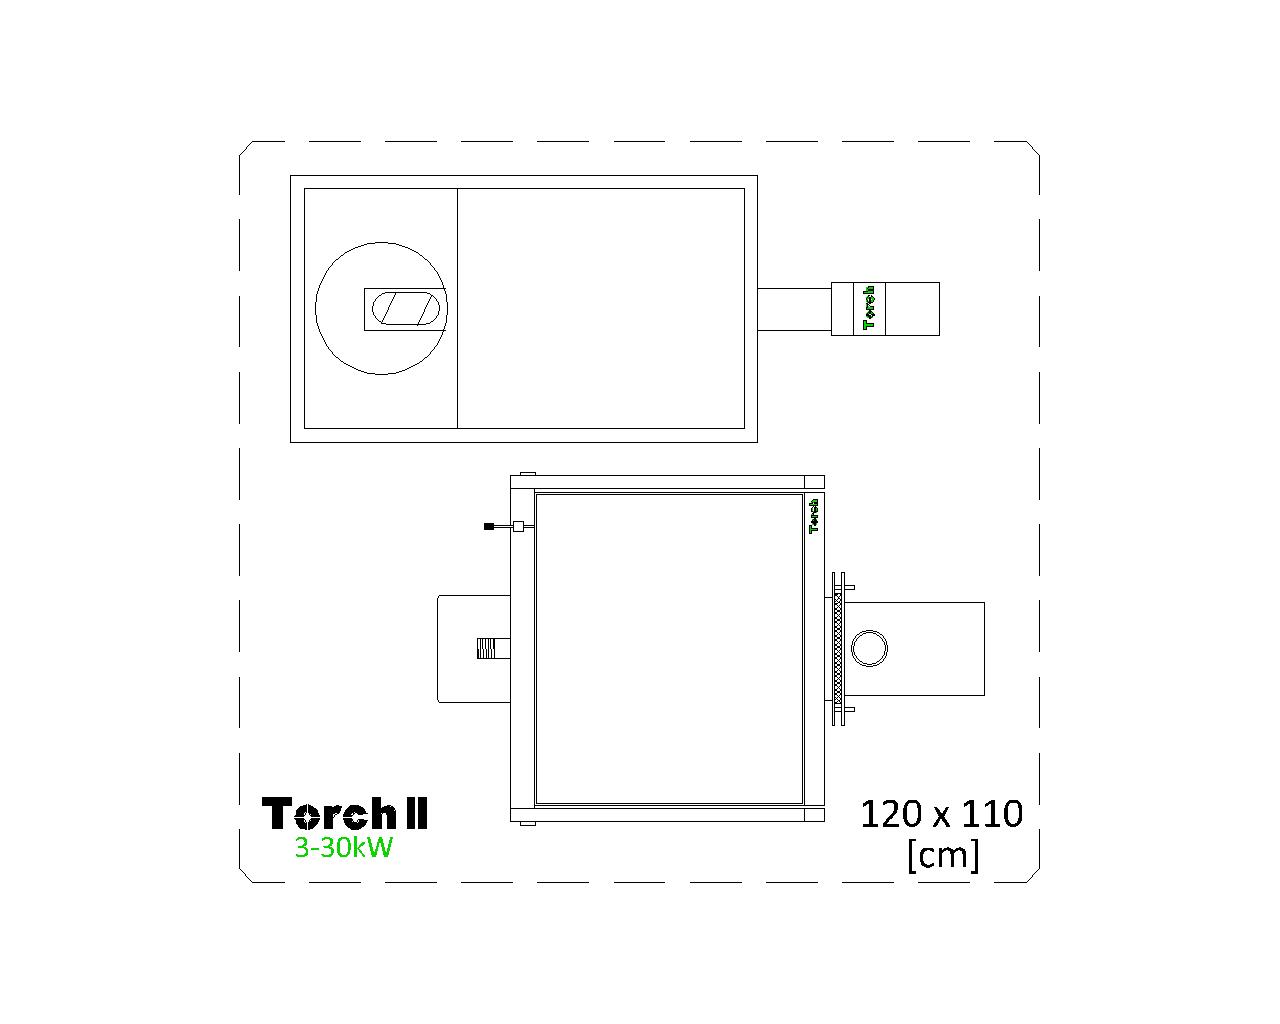 Отоплителна система на пелети Torch II 3 - 30kW с бункер 120kg - top